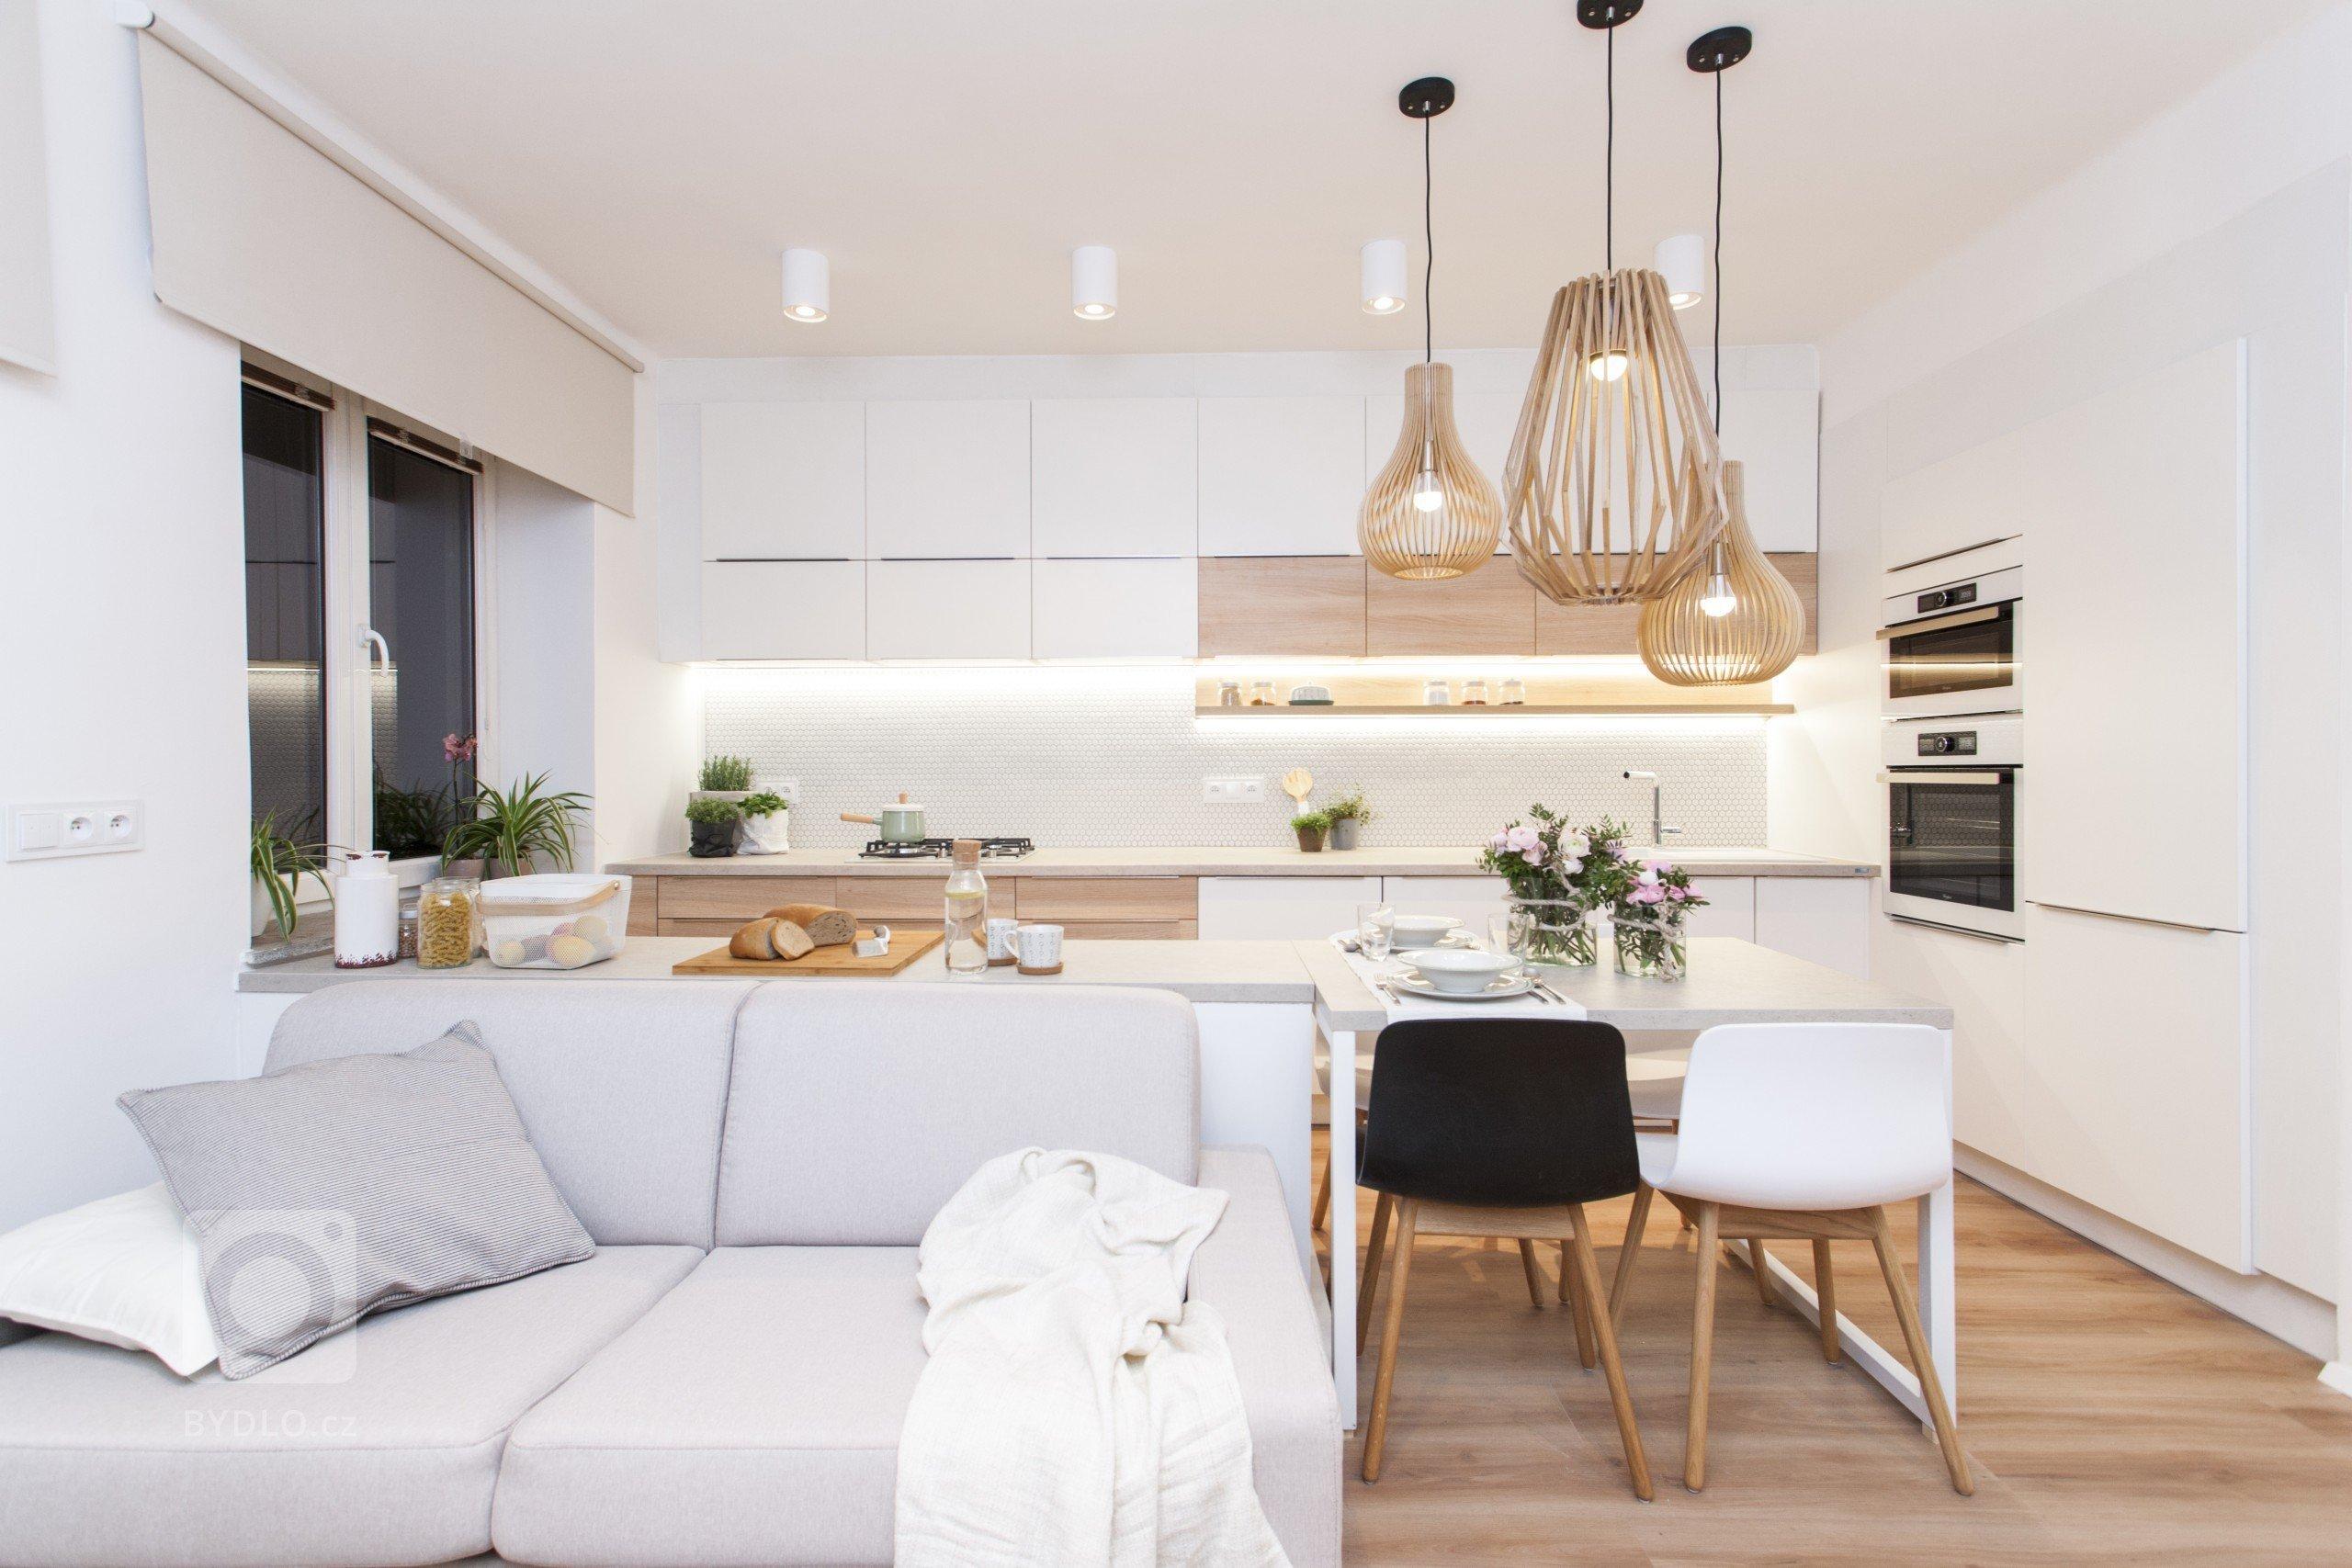 pohled na kuchyň z obývacího pokoje